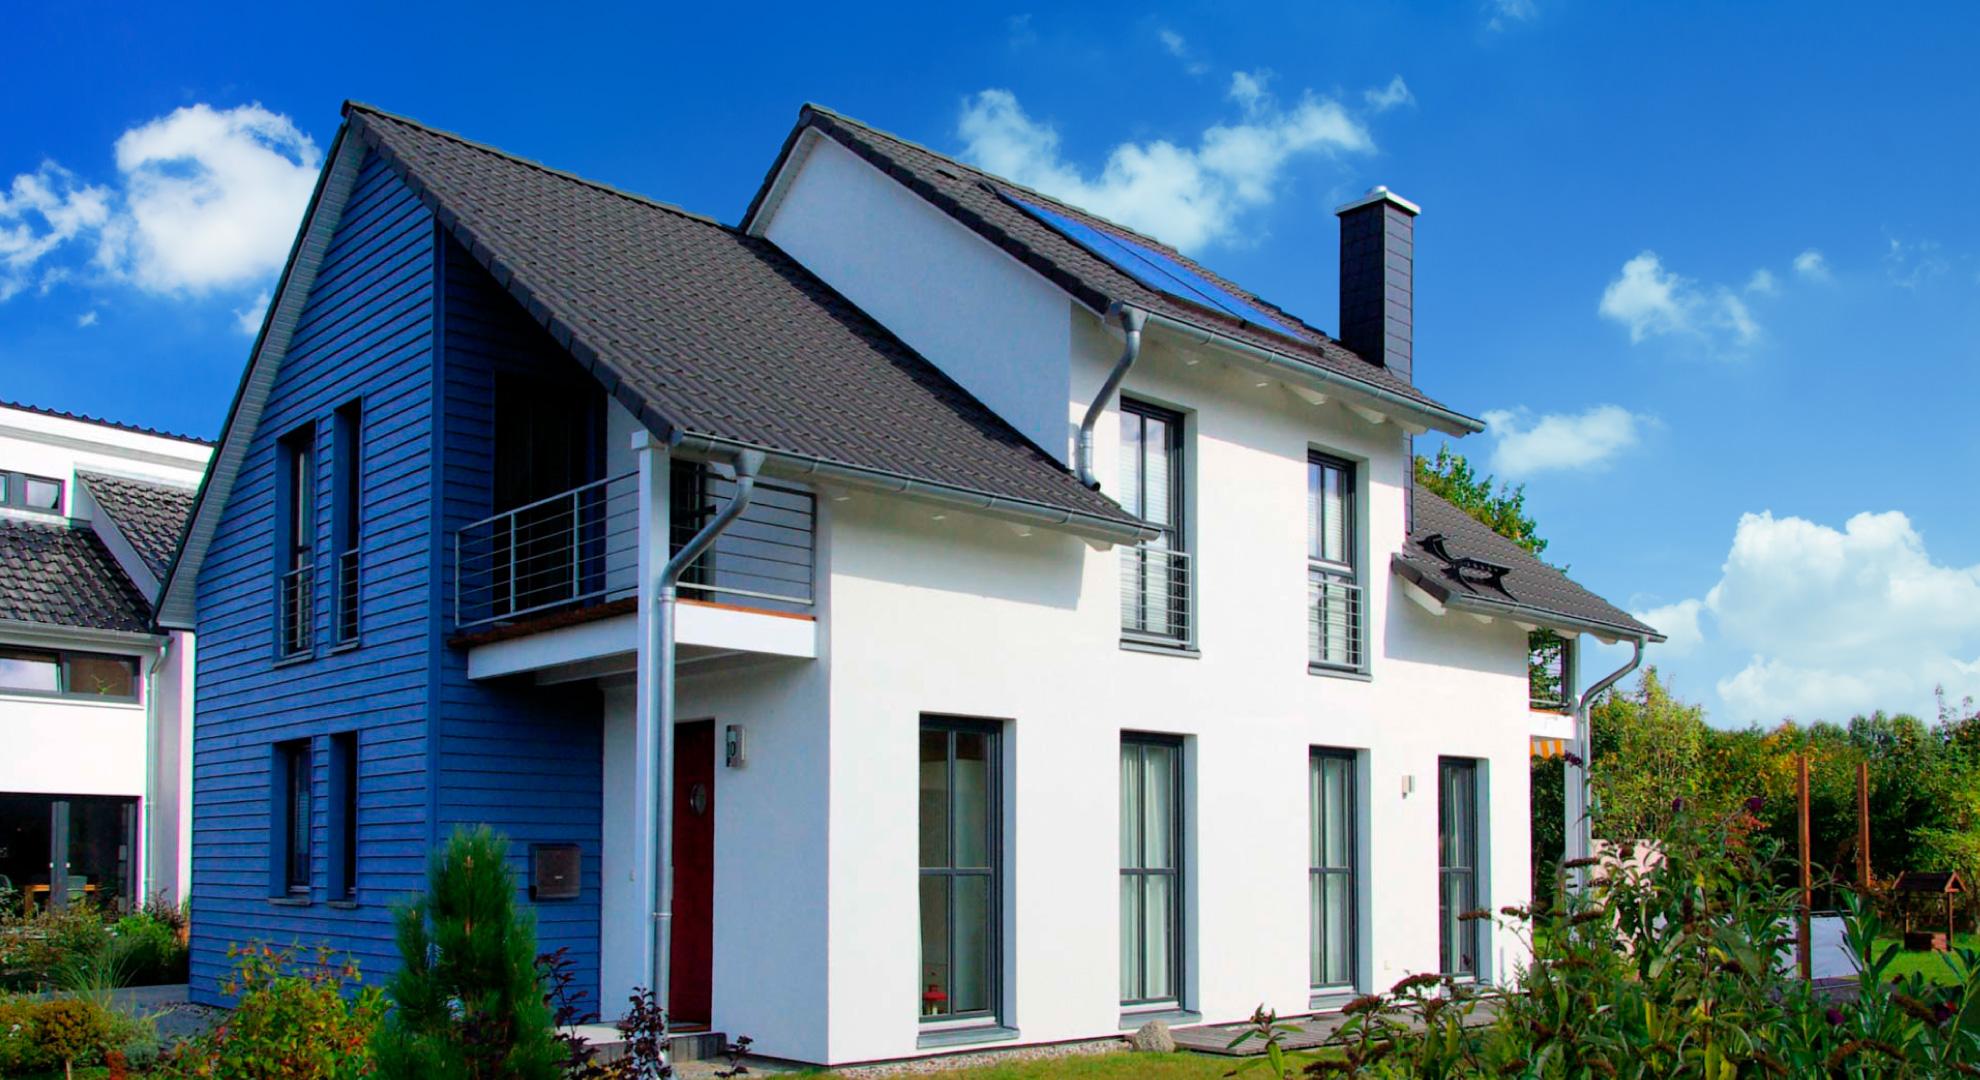 TD-Talot: Yksilöllistä talorakentamista yli 30 vuoden kokemuksella. Kuvassa valkoinen omakotitalo kesällä, pihalla vehreitä pensaita.